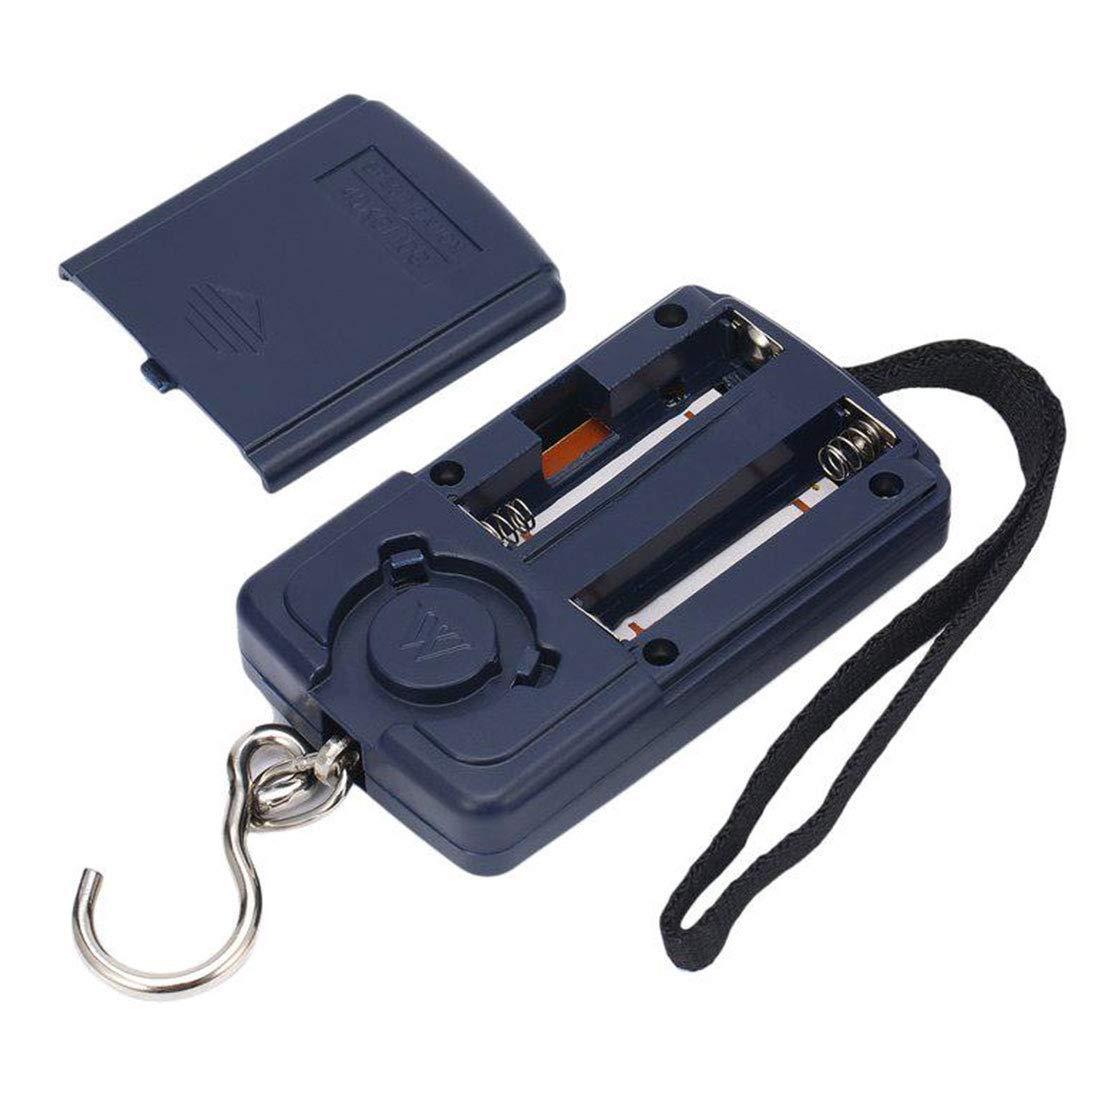 balanza de Bolsillo funci/ón de Mostrar Temperatura con retroiluminaci/ón B/áscula de Pesca balanza de Pesca Digital con Gancho Digital balanza electr/ónica LCD de 88 LB // 40 kg 10 g